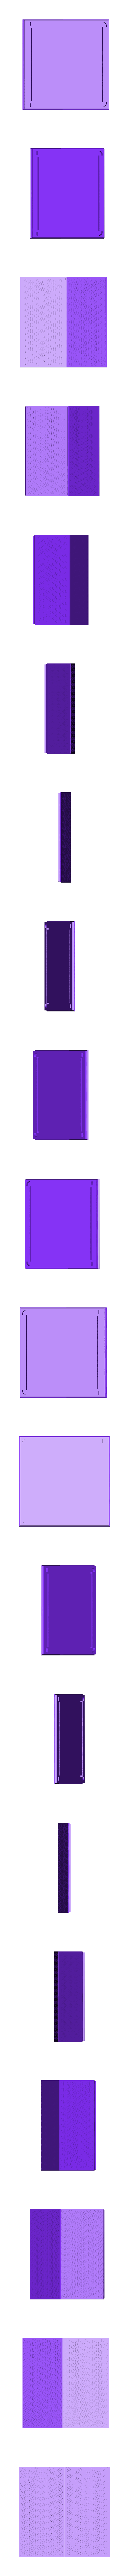 Toit - Roof.stl Télécharger fichier STL Support Lithophanie grecque antique / Ancient Greek Lithophanie support • Design imprimable en 3D, Stendy